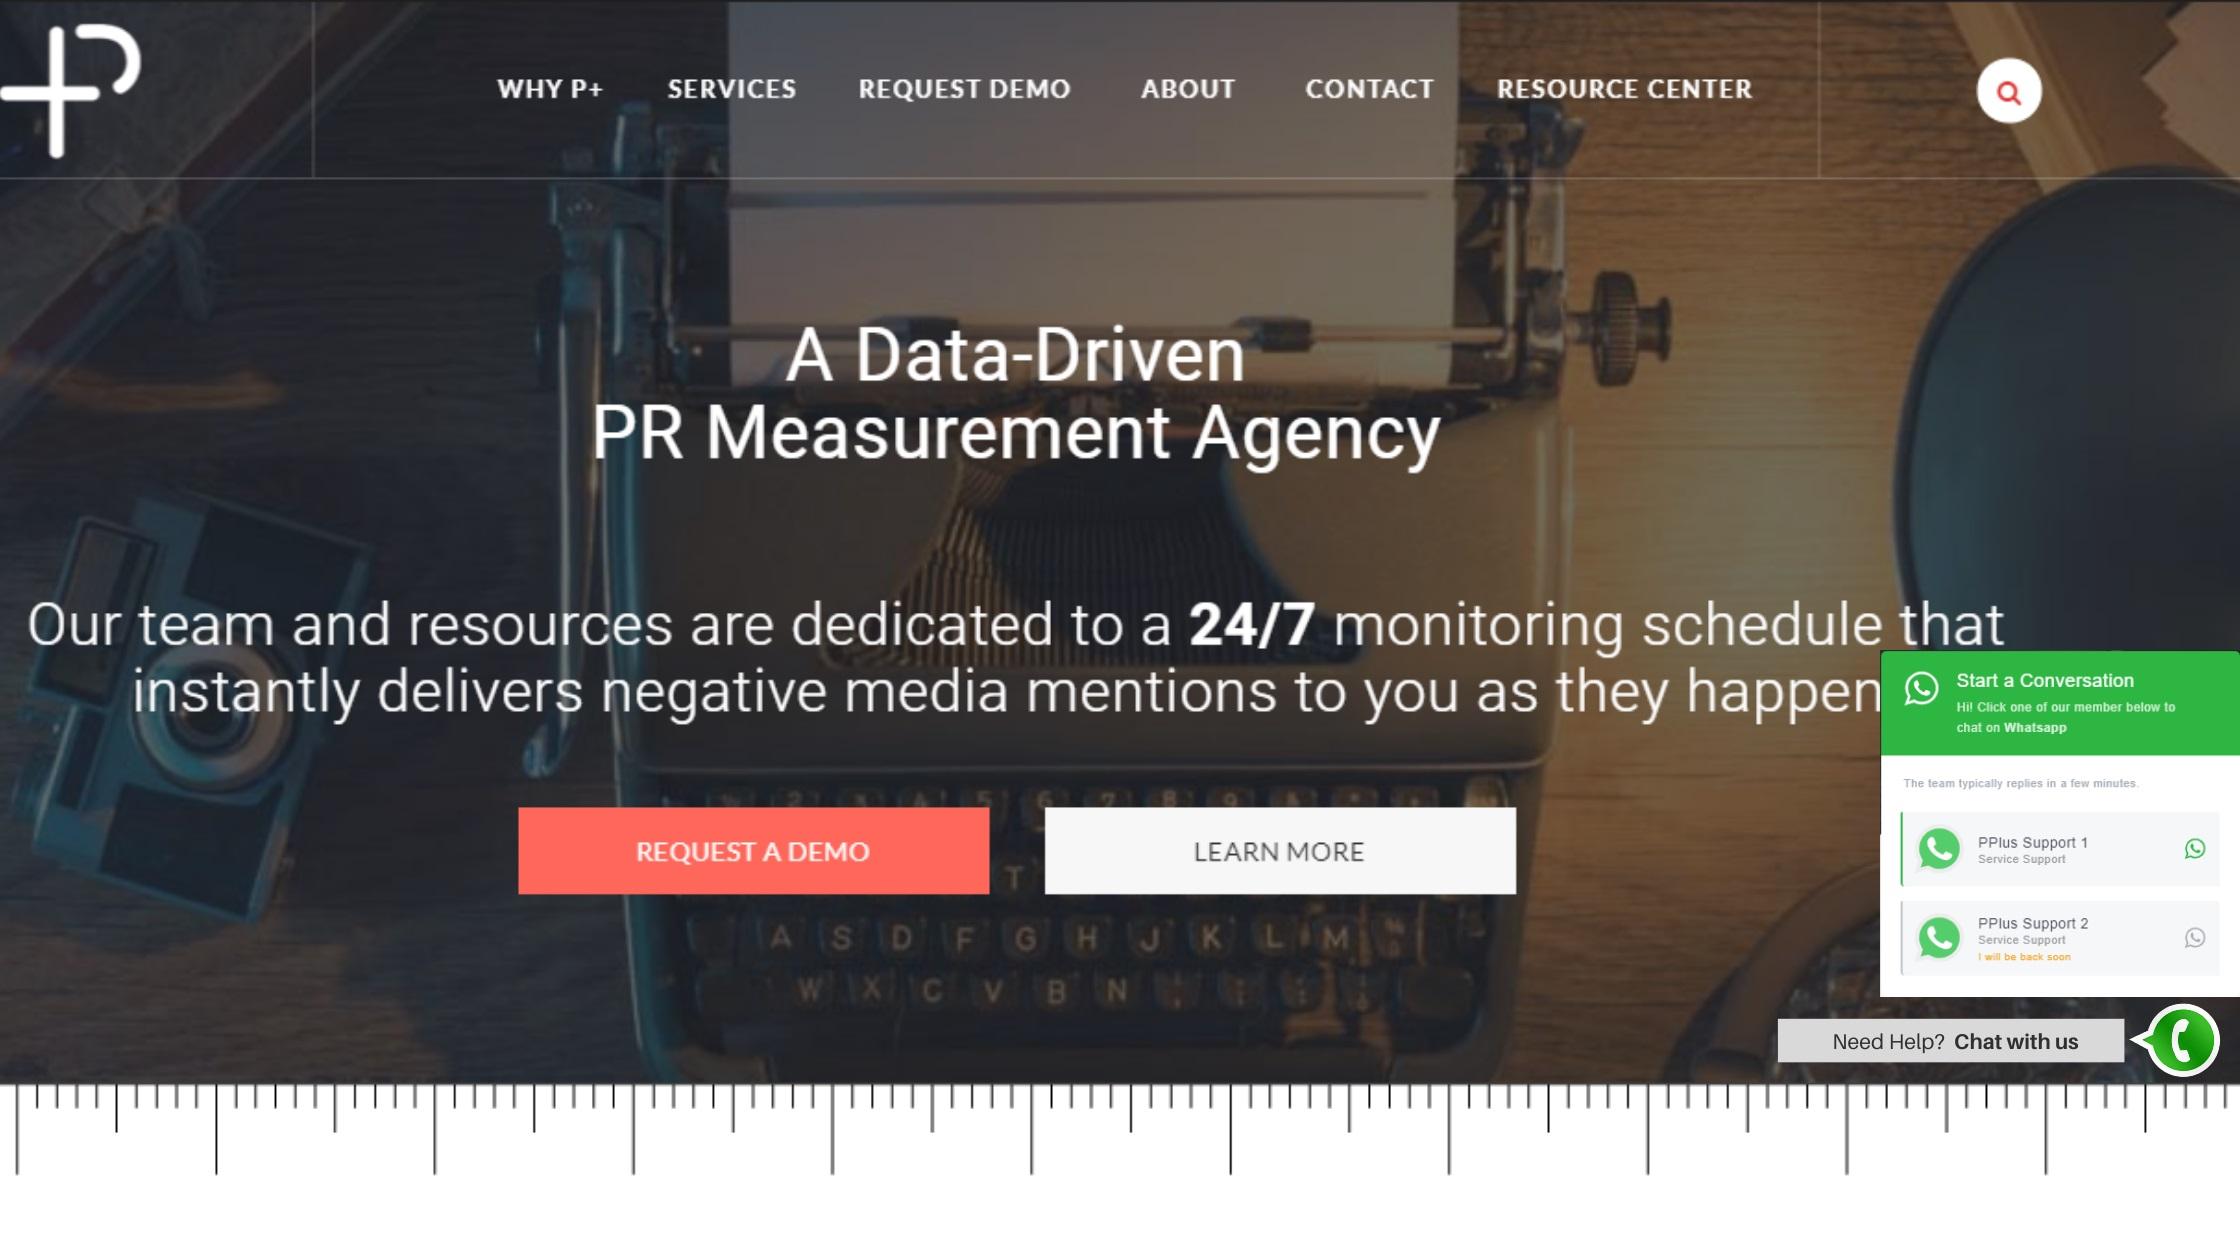 P+ Measurement Chatbot